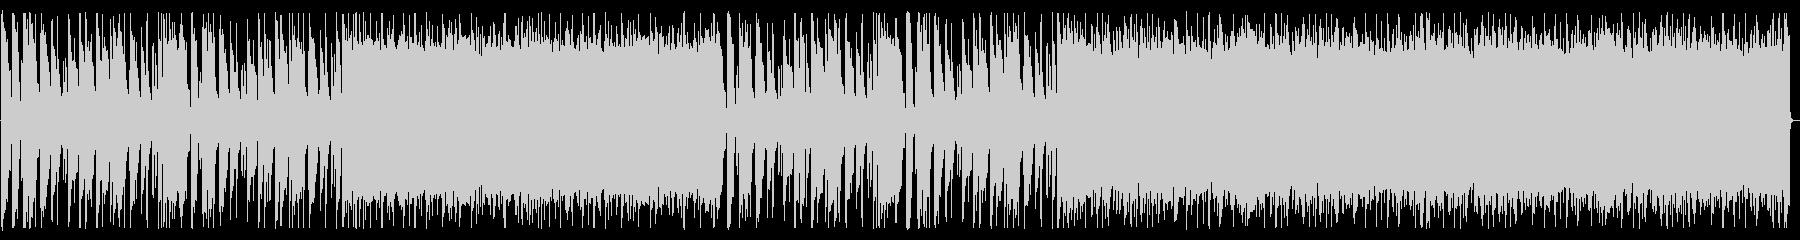 重厚/シンプル/ロック_No600_1の未再生の波形